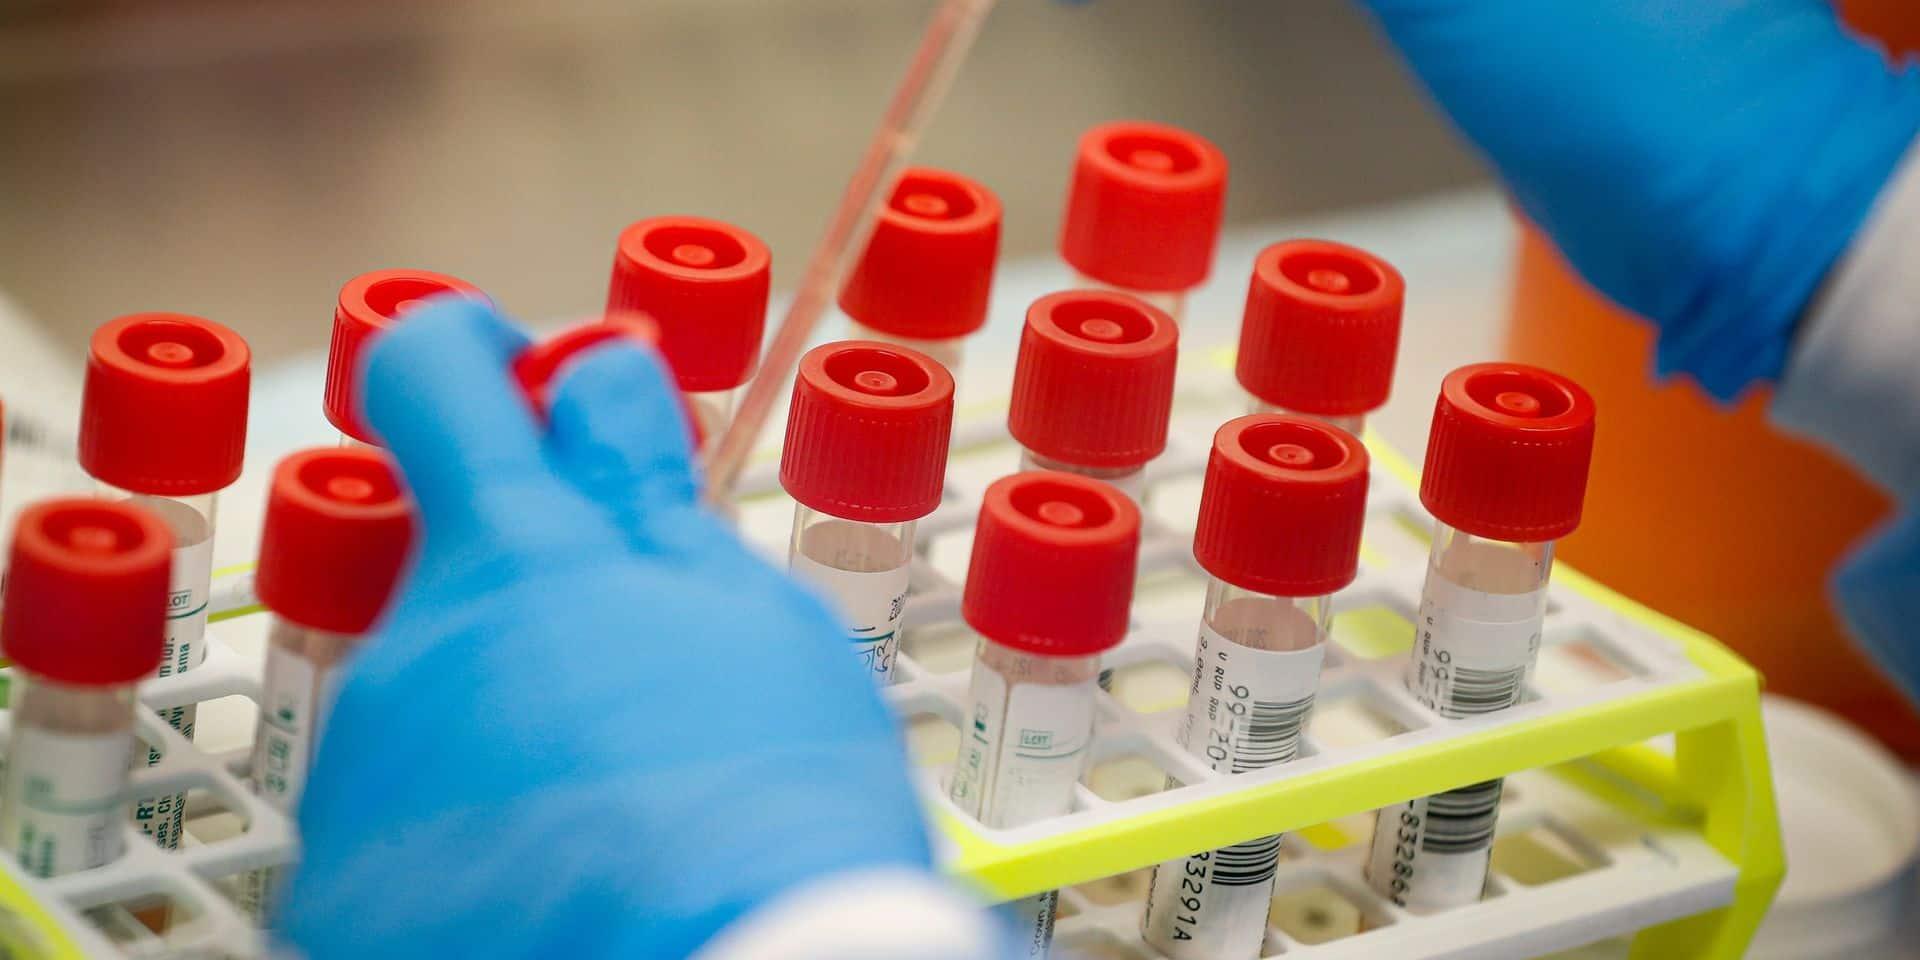 """Les tests rapides pour le coronavirus interdits: """"Ils donnent un faux résultat négatif"""""""